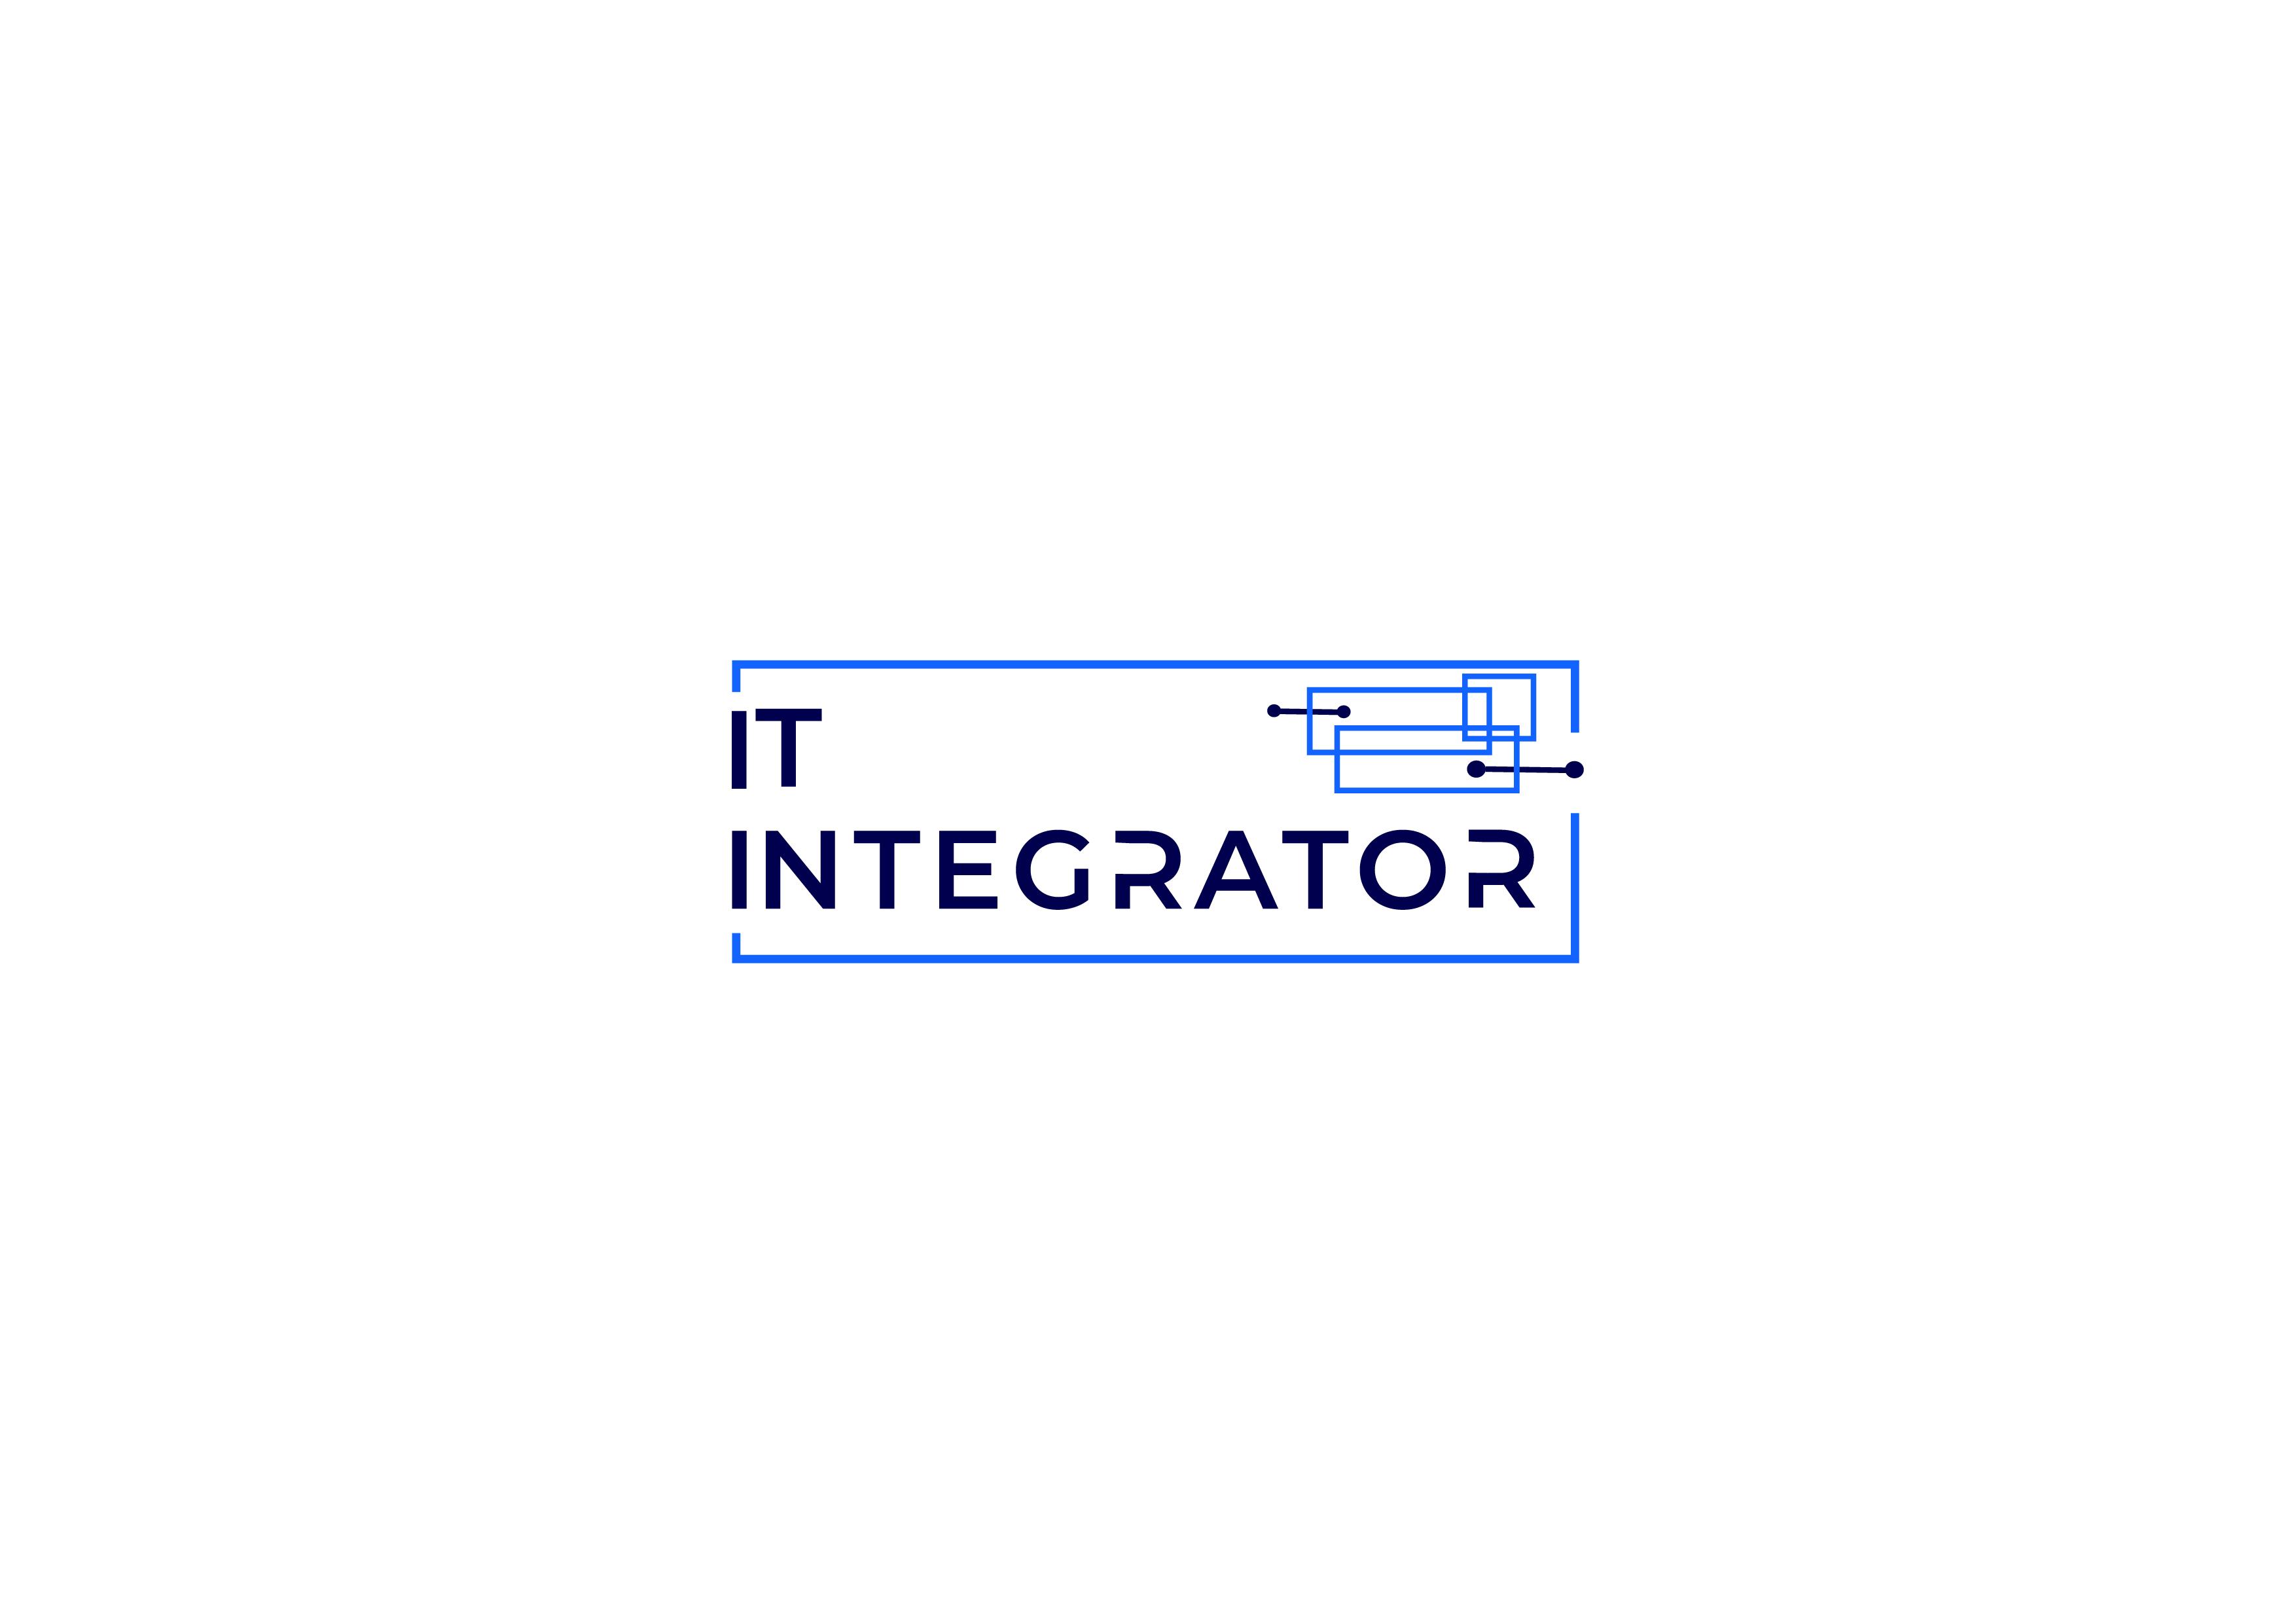 Логотип для IT интегратора фото f_9586149ccdbed94e.jpg